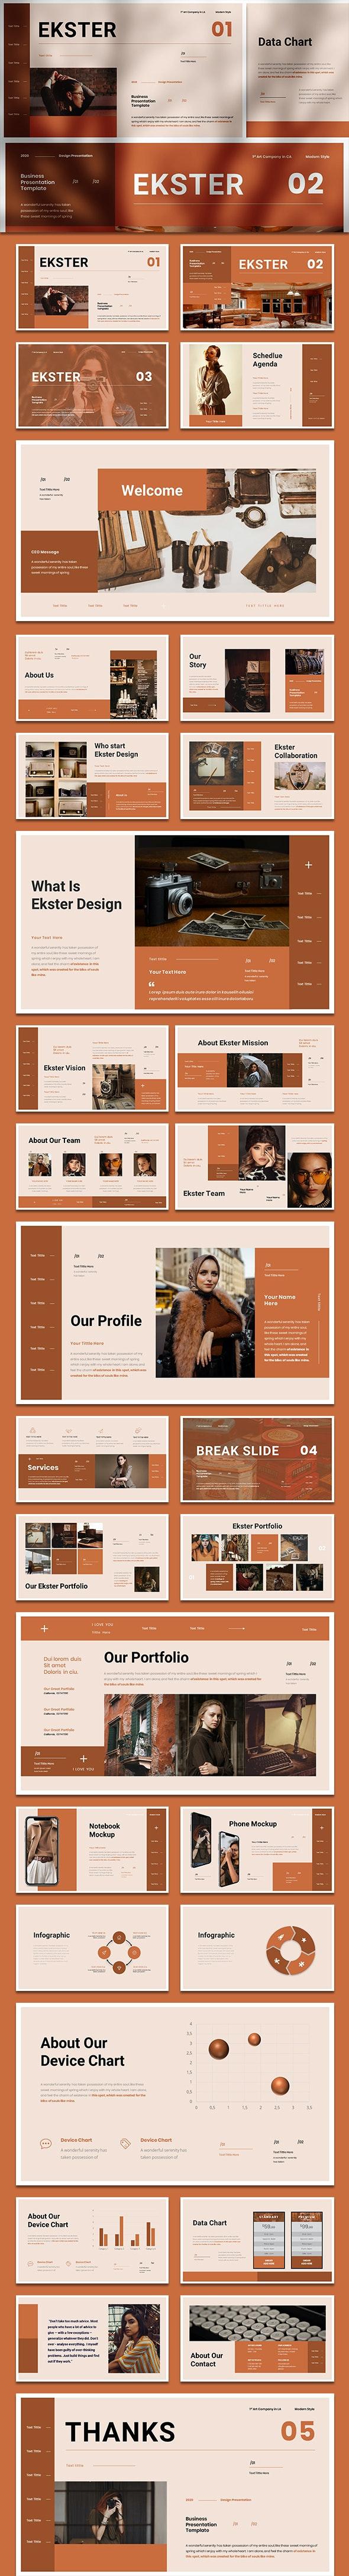 Ekster - Business Presentation Google Slide Template - Google Slides Presentation Templates